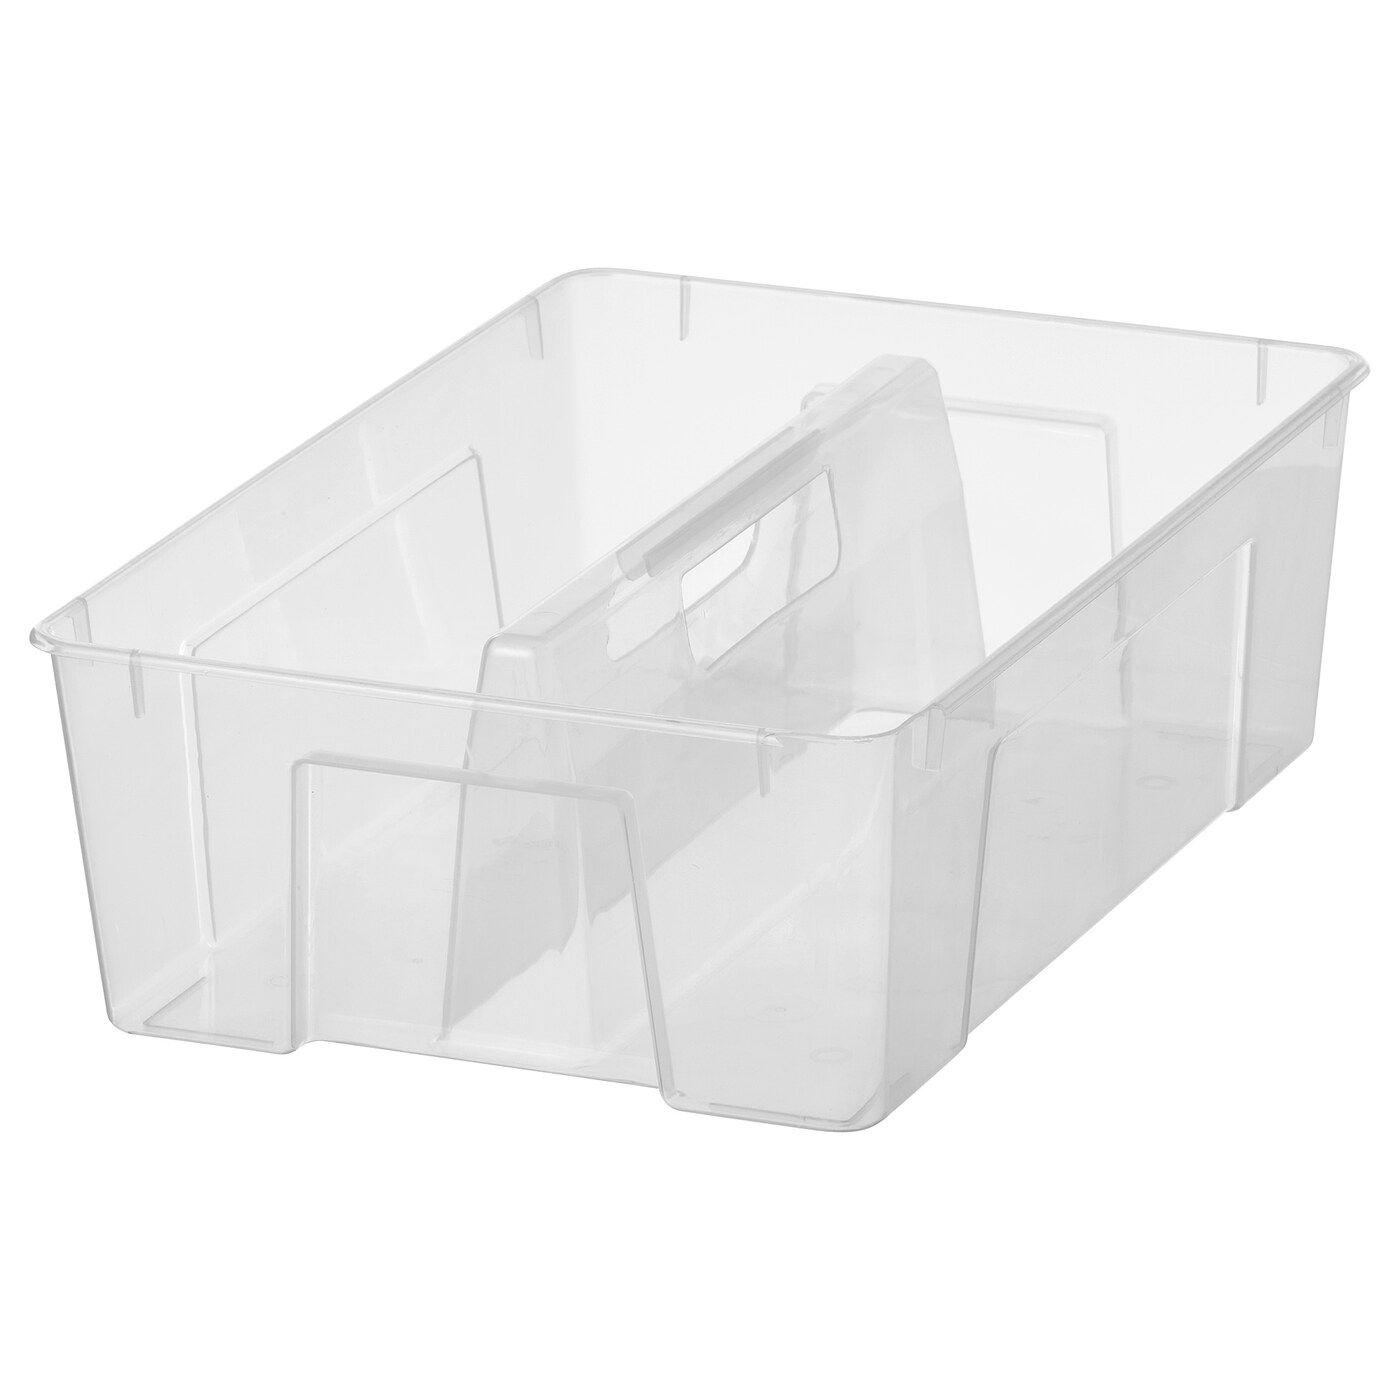 Samla Accesorio Para Caja 11 22l En 2020 Cajas Ikea Ikea Y Cajas